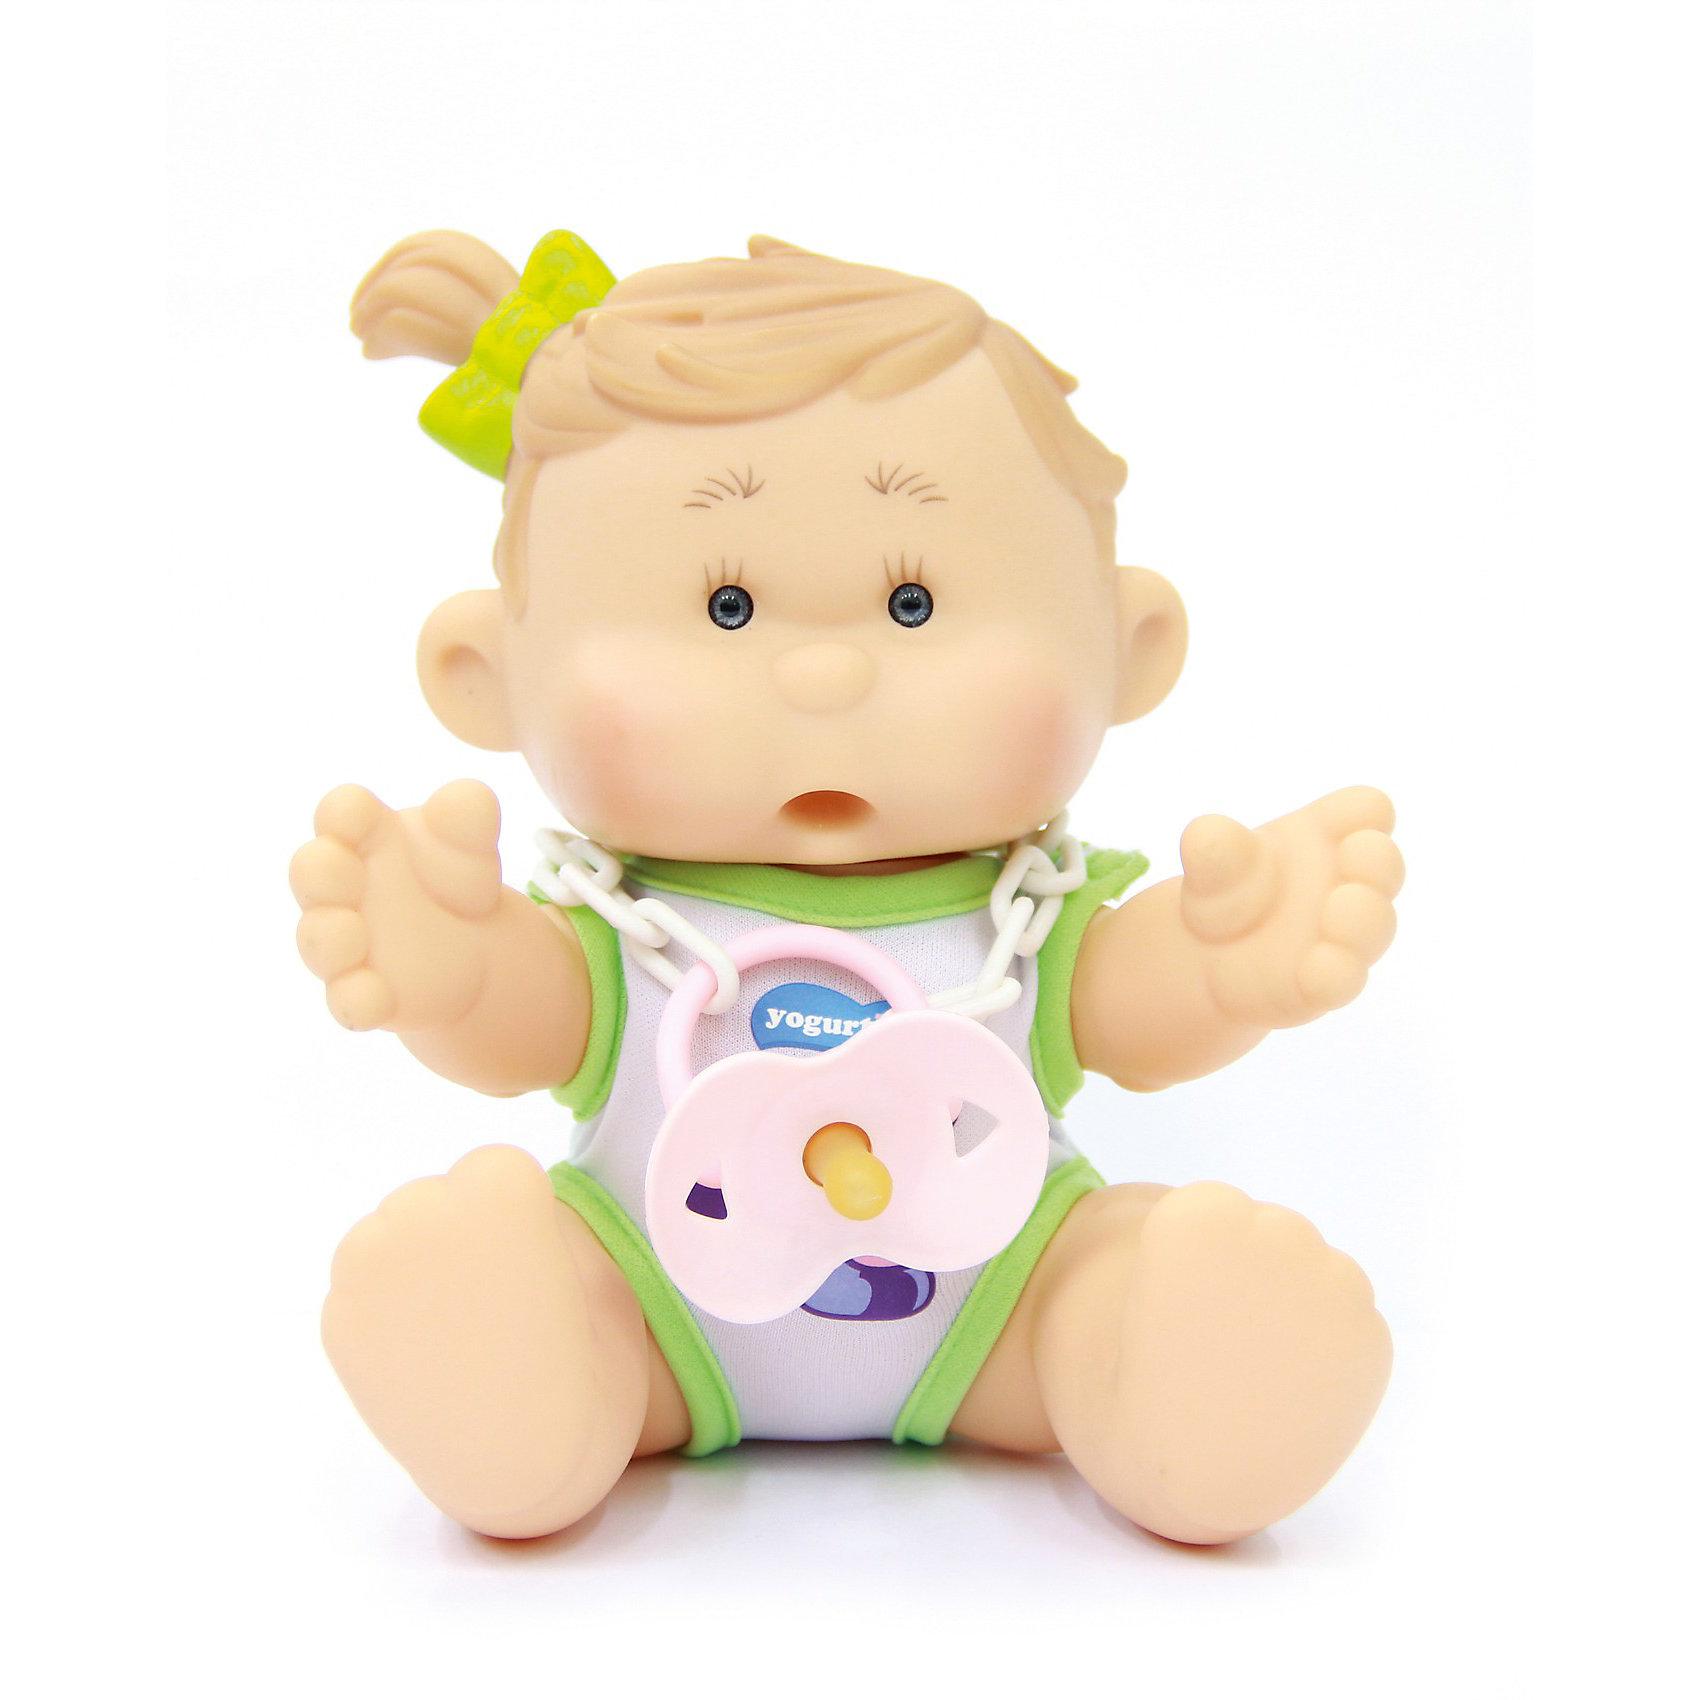 Пупс  Мила Слива, YogurtinisКуклы-пупсы<br>Фруктовые пупсы Yogurtinis (Йогуртини) уже завоевали любовь малышек по всему миру, теперь и Ваша девочка сможет по достоинству оценить этих трогательных, ароматных малышей. Пупс Мила Слива Yogurtinis (Йогуртини) - очень трогательное создание. У Милы забавные щечки и очень милый хвостик. Малышка так и просится на ручки.  Прелестная куколка сделана из мягкой резины: все части тела у нее подвижные, что создает множество возможностей для игры. Милу можно переодевать, укладывать спать, сажать и даже брать с собой в ванную!  <br>Особенность Милы —  уникальный йогуртово-сливовый аромат.  Ухаживая за пупсом, ребенок воспитывает в себе только самые полезные качества, учится заботе, доброте, развивает воображение и артистические навыки!<br><br>Дополнительная информация:<br><br>- В комплекте куколка Мила Слива с соской в классической упаковке для йогуртов;<br>- Прекрасный подарок маленькой девочке;<br>- Одежда снимается;<br>- Все части тела подвижны;<br>- Можно брать с собой в ванную;<br>- Прекрасный фруктовый аромат;<br>- Выразительное личико;<br>- Удобно брать в путешествия;<br>- Высота куколки: 22 см;<br>- Размер упаковки: 21 х 21 х 18 см;<br>- Вес: 500 г<br><br>Пупса Мила Слива, Yogurtinis (Йогуртини) можно купить в нашем интернет-магазине.<br><br>Ширина мм: 210<br>Глубина мм: 210<br>Высота мм: 180<br>Вес г: 500<br>Возраст от месяцев: 36<br>Возраст до месяцев: 72<br>Пол: Женский<br>Возраст: Детский<br>SKU: 3879036